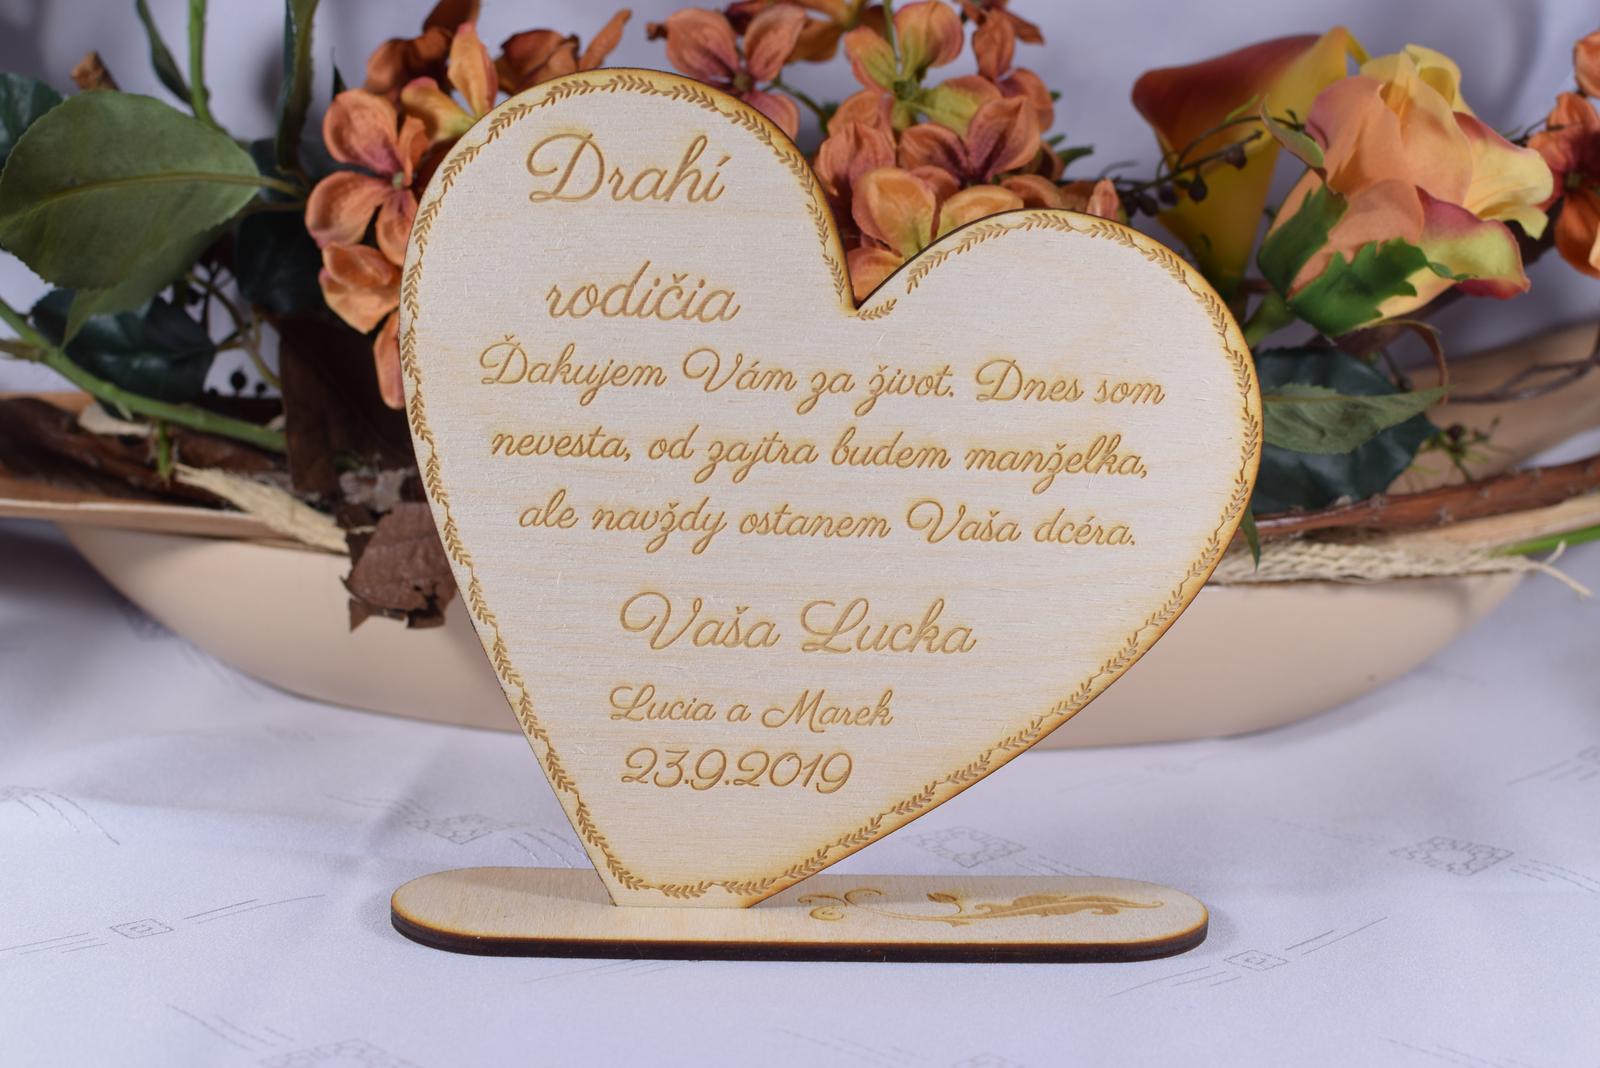 Poďakovanie rodičom drevené srdiečko  47 - Obrázok č. 1